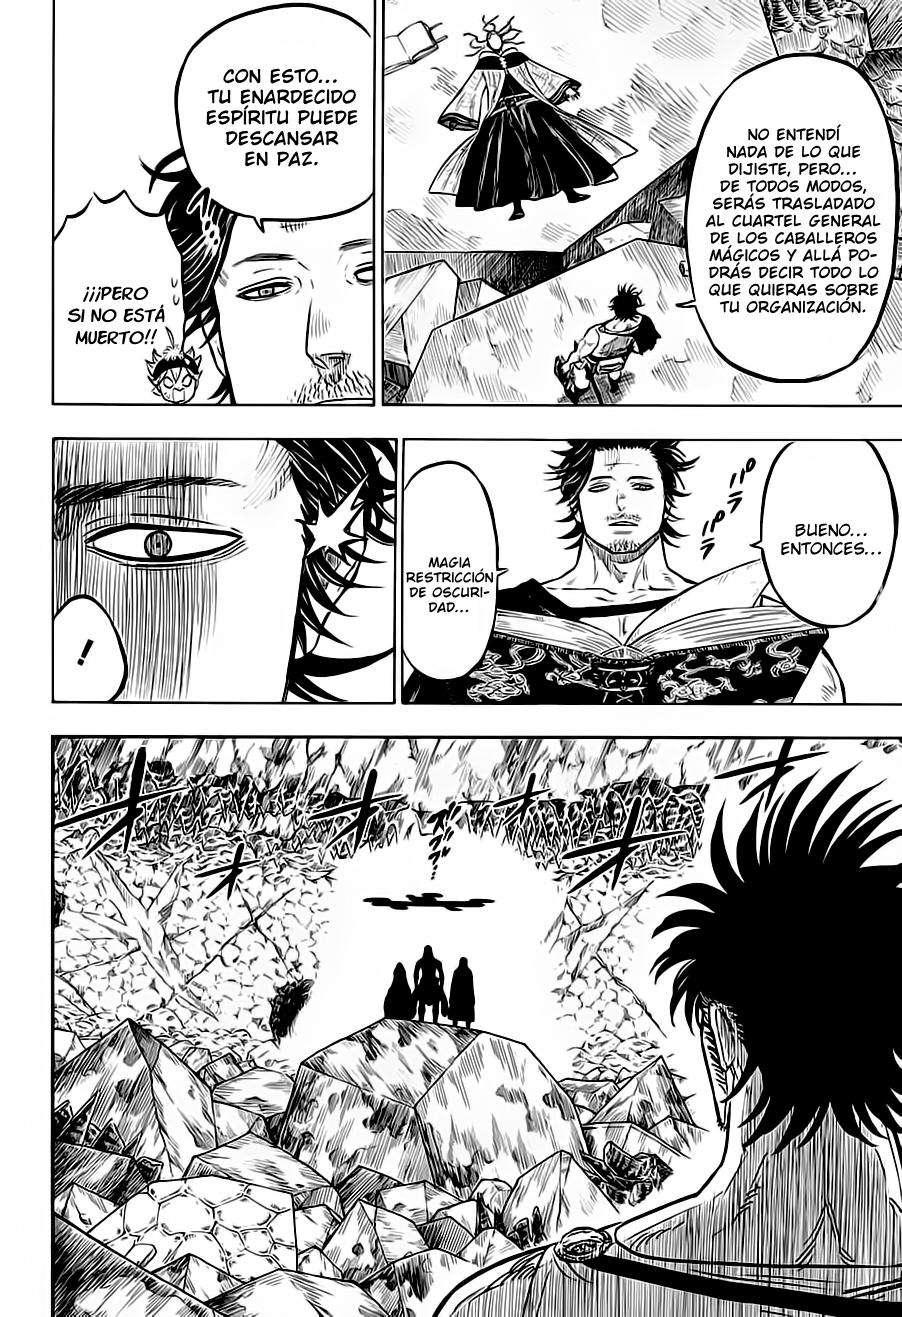 http://c5.ninemanga.com/es_manga/35/3811/448009/e22ff9a0b6512bdeab2e8e30b21f7811.jpg Page 5